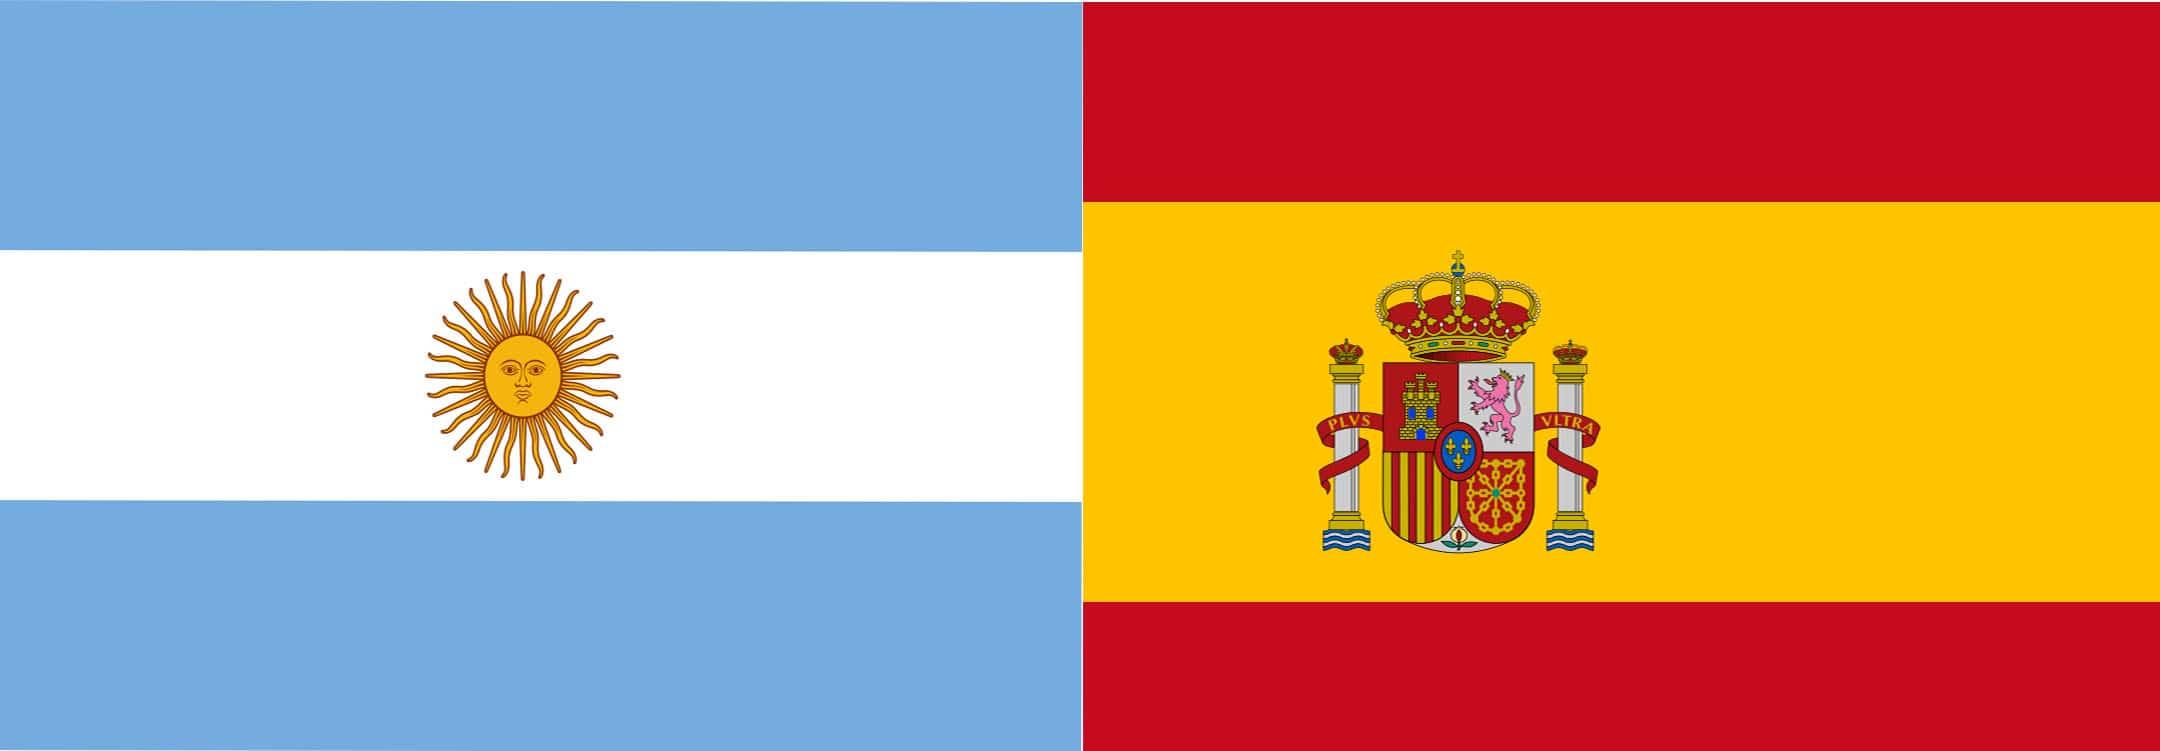 مبارا منتخب الأرجنتين وإسبانيا في أولمبياد طوكيو